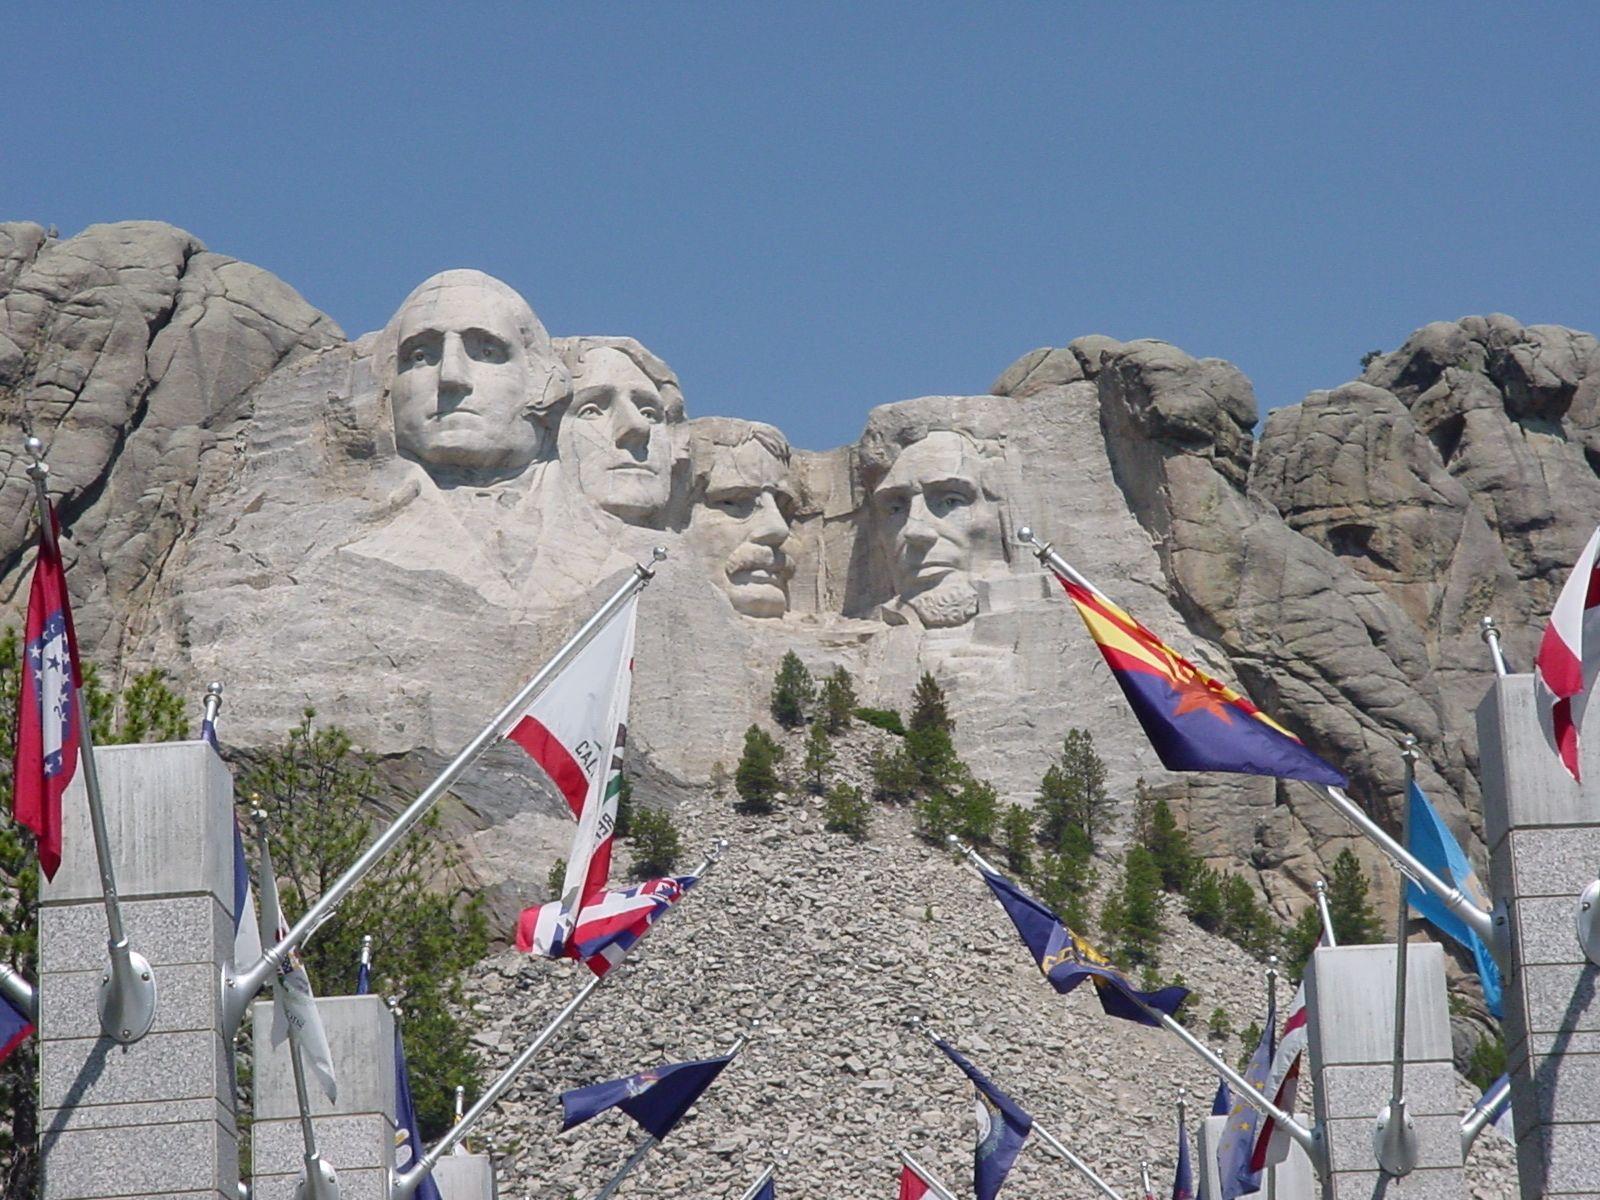 Mount Rushmore, South Dakota 2002